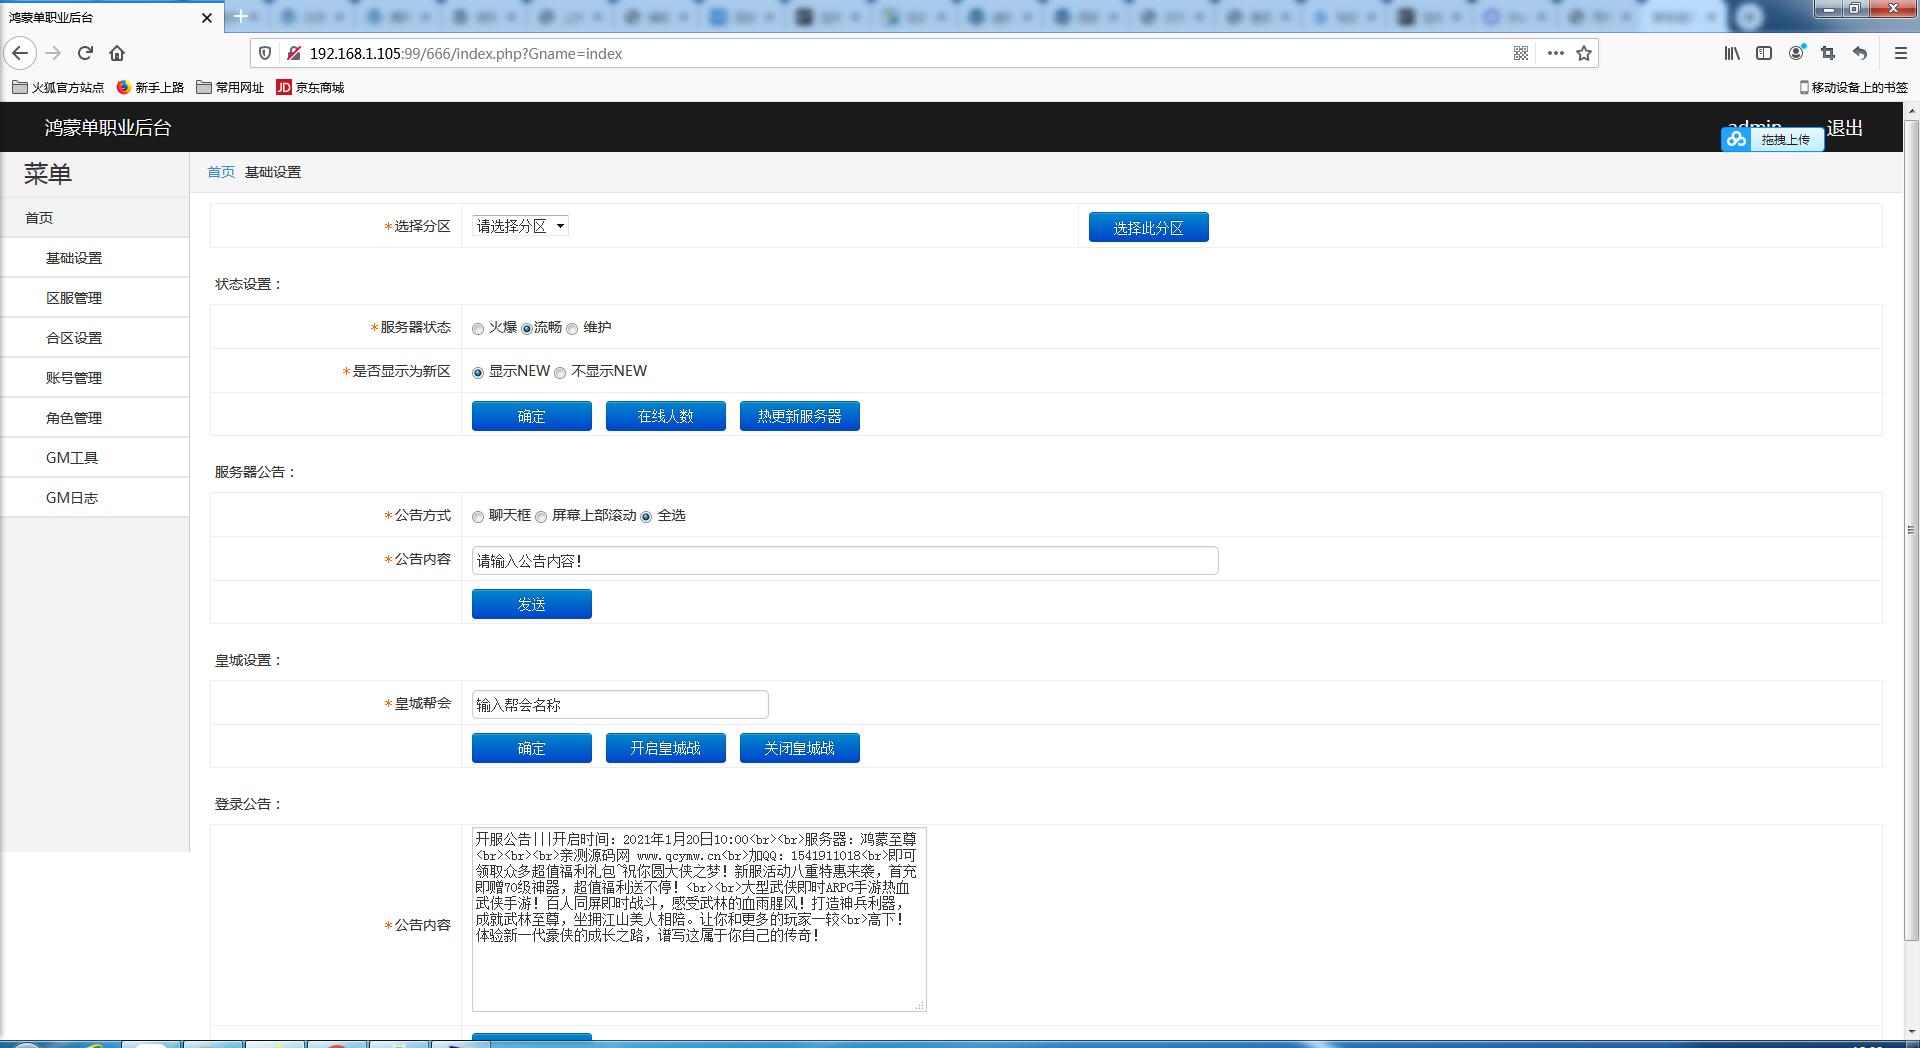 亲测 视频教程丨【鸿蒙传奇】手游源码下载 丨白日门换皮+安卓苹果双端+GM后台